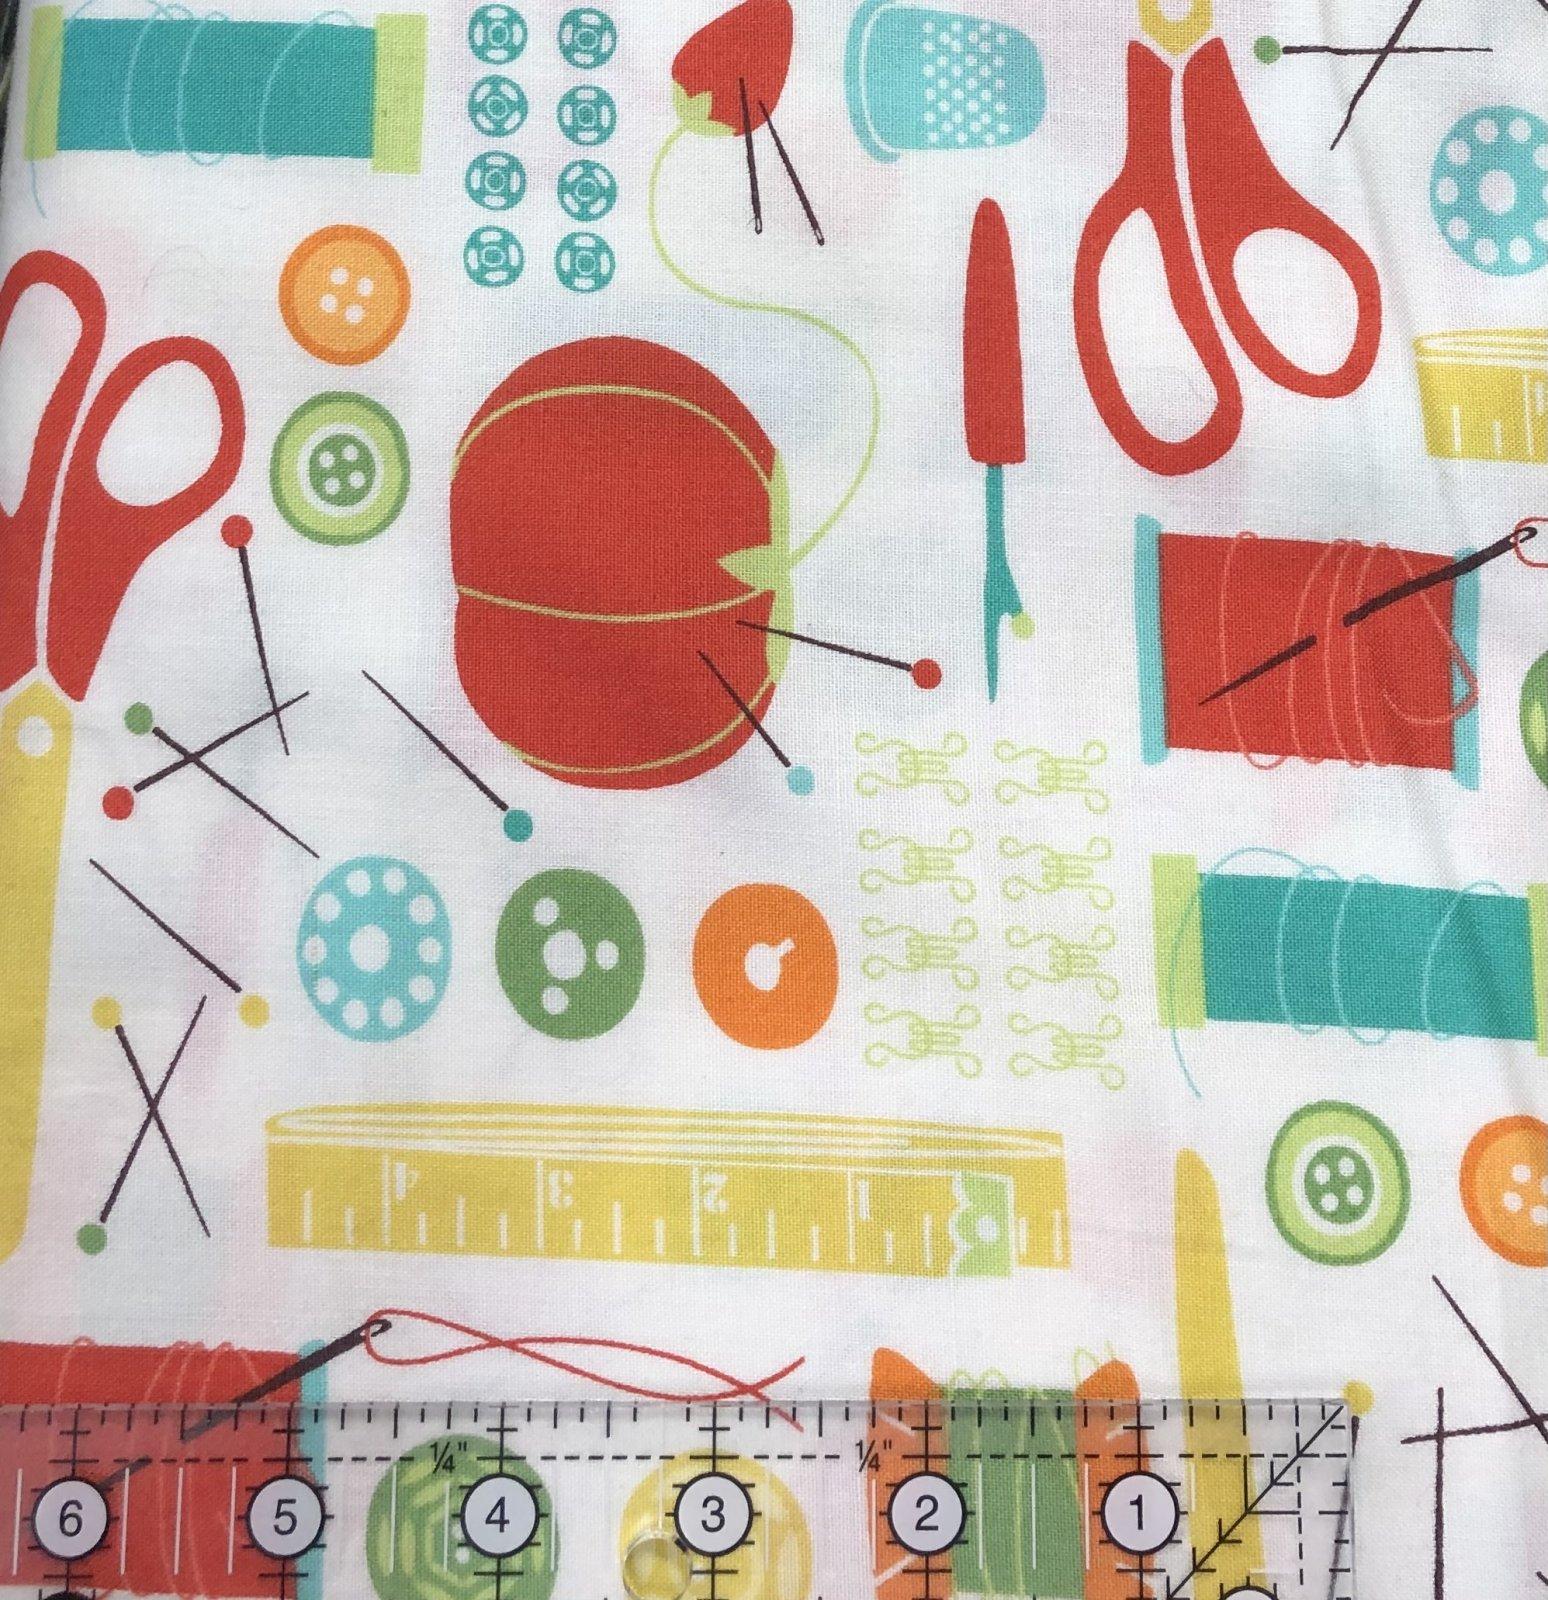 1 Meter Cut - Moda Fabrics Sewing Box 10010